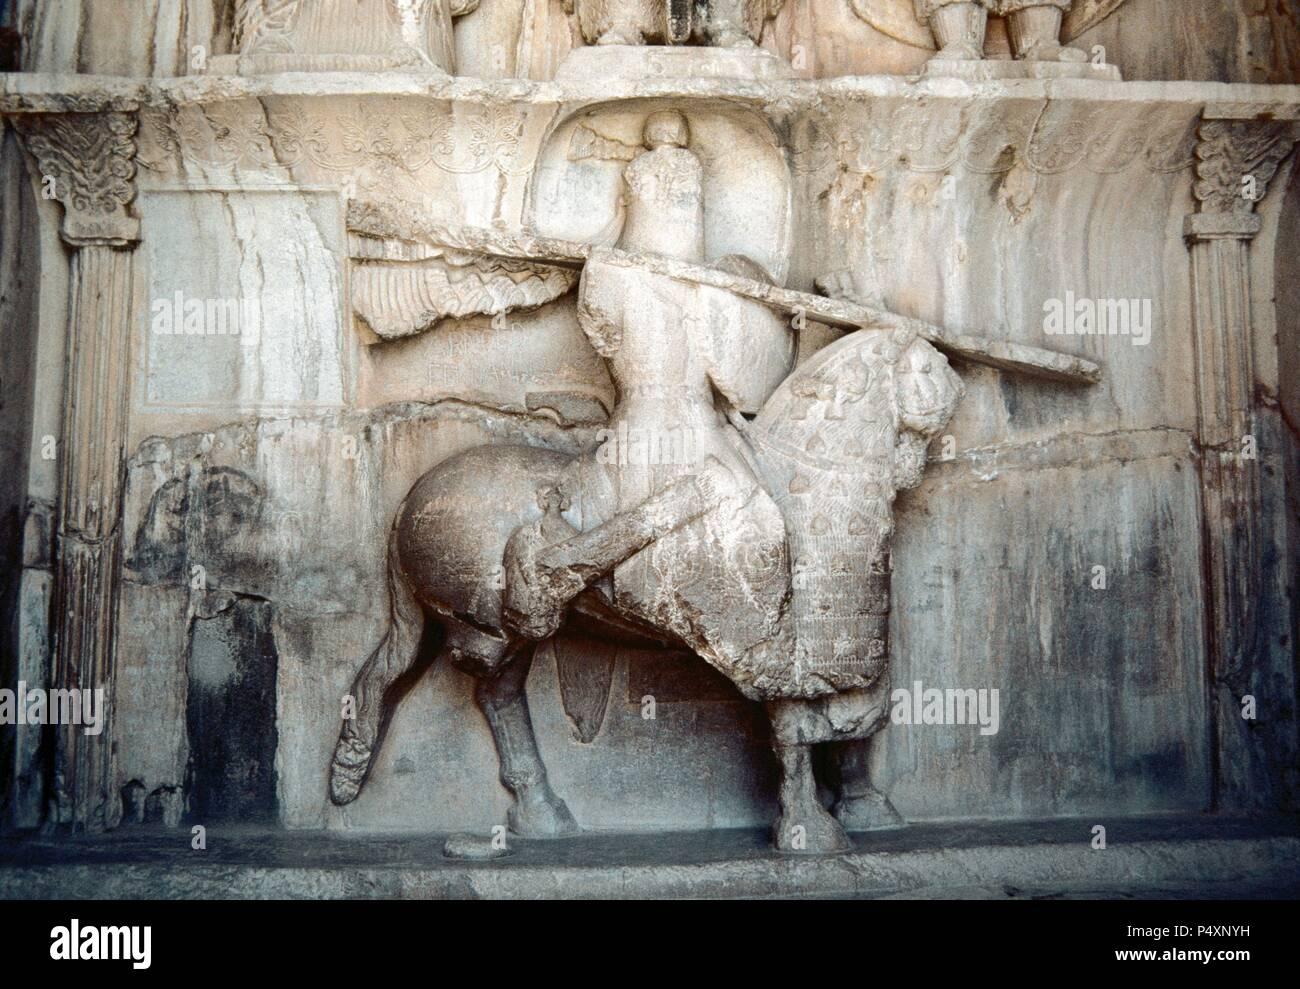 La Taq-e Bostan. Gran Arco del jardín. Relieves de roca. Imperio Sasánida de Persia (Irán). 4º siglo. Detalle de una figura de un hombre montado en un caballo fuerte. Creen que la cifra está mostrando Khosrow Parviz sobre su caballo llamado Shabdiz. Fue el último gran rey del imperio Sasán, Rey de Khosrow II (reinó 590-628). República Islámica de Irán. Foto de stock